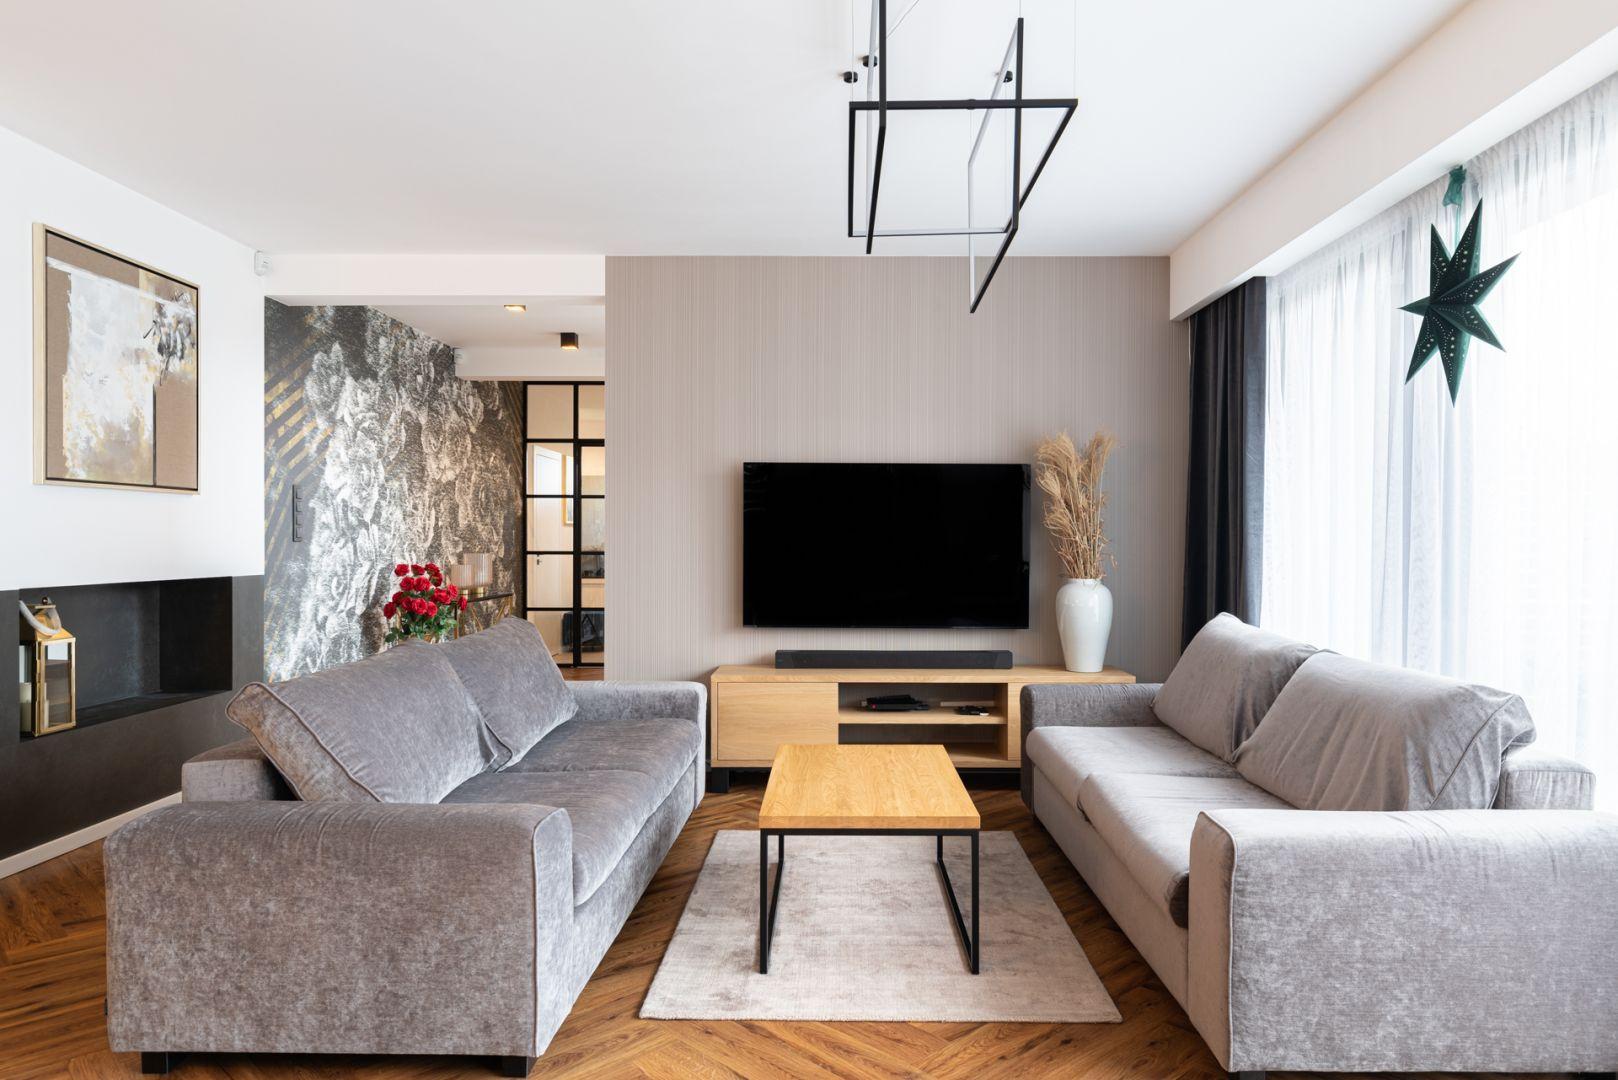 Ściana za telewizorem wykończona jest jasną, subtelną tapetą. Projekt: Aleksandra Michalak x Dekorian Home. Fot. Łukasz Michalak